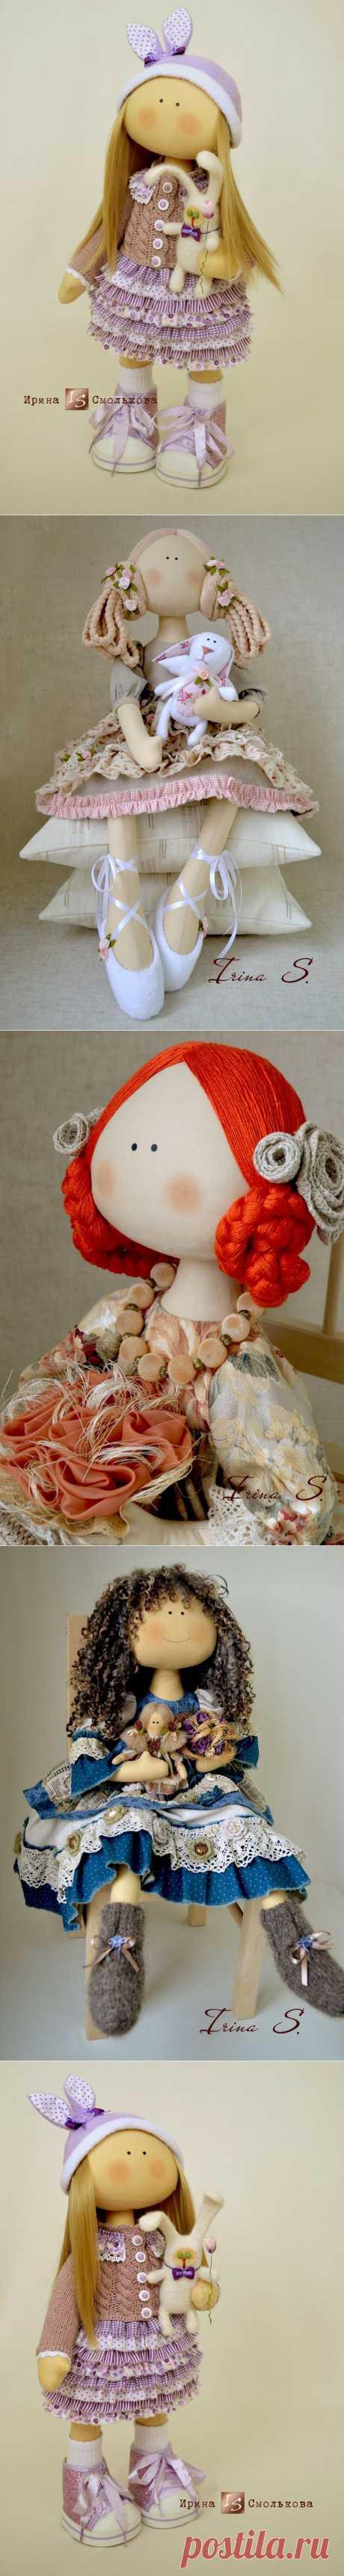 Очень нарядные куклы Ирины Смольковой.